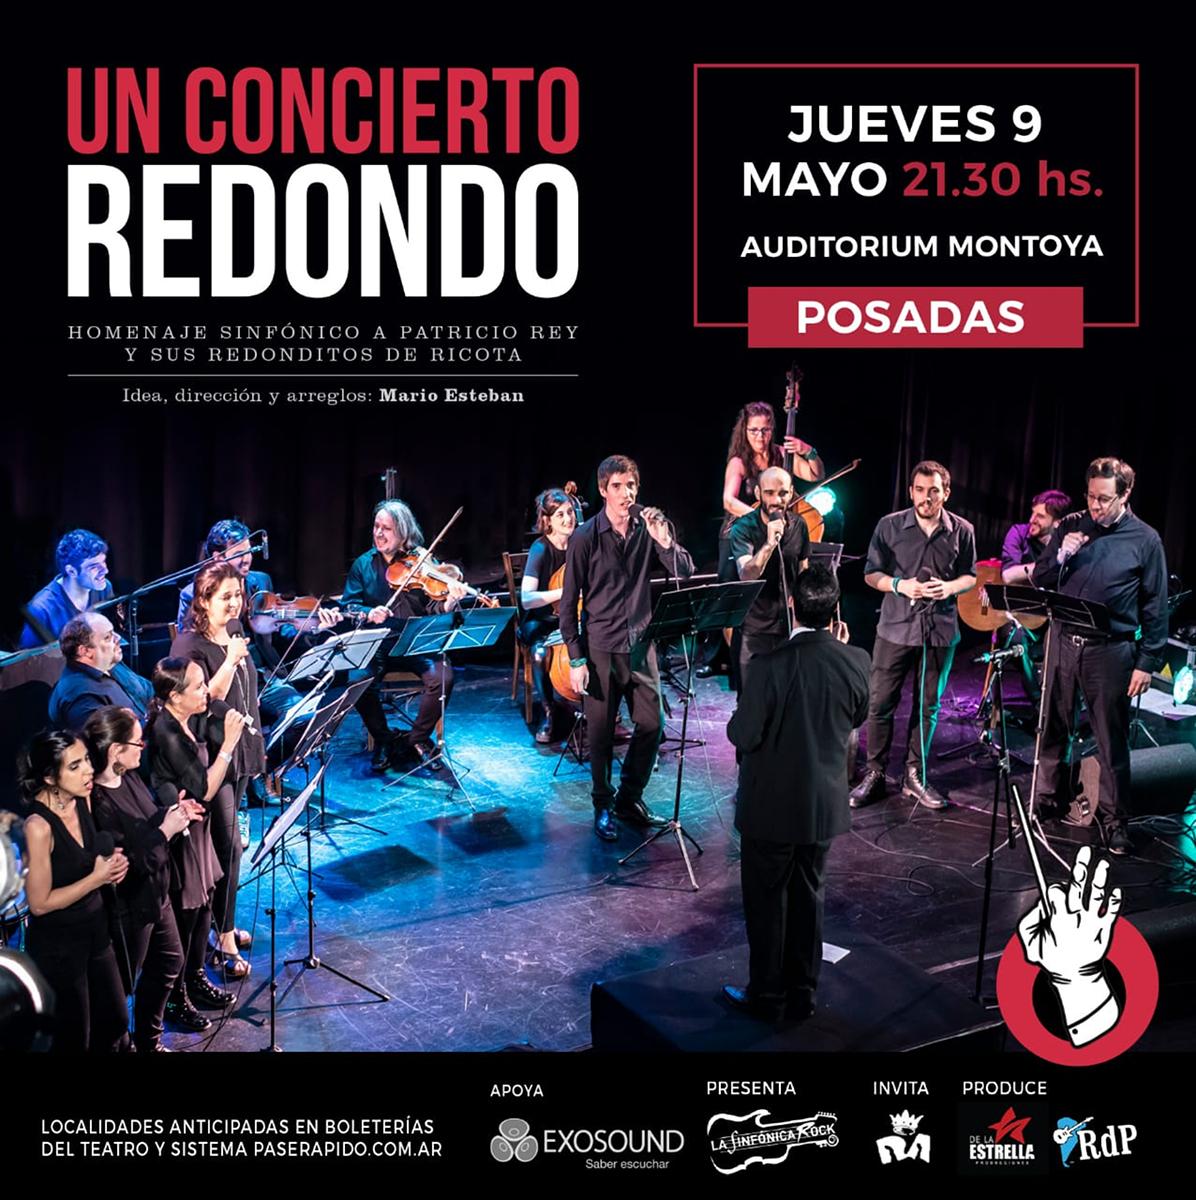 Más de 20 músicos realizarán un concierto homenaje a Patricio Rey y sus Redonditos de Ricota en el Montoya